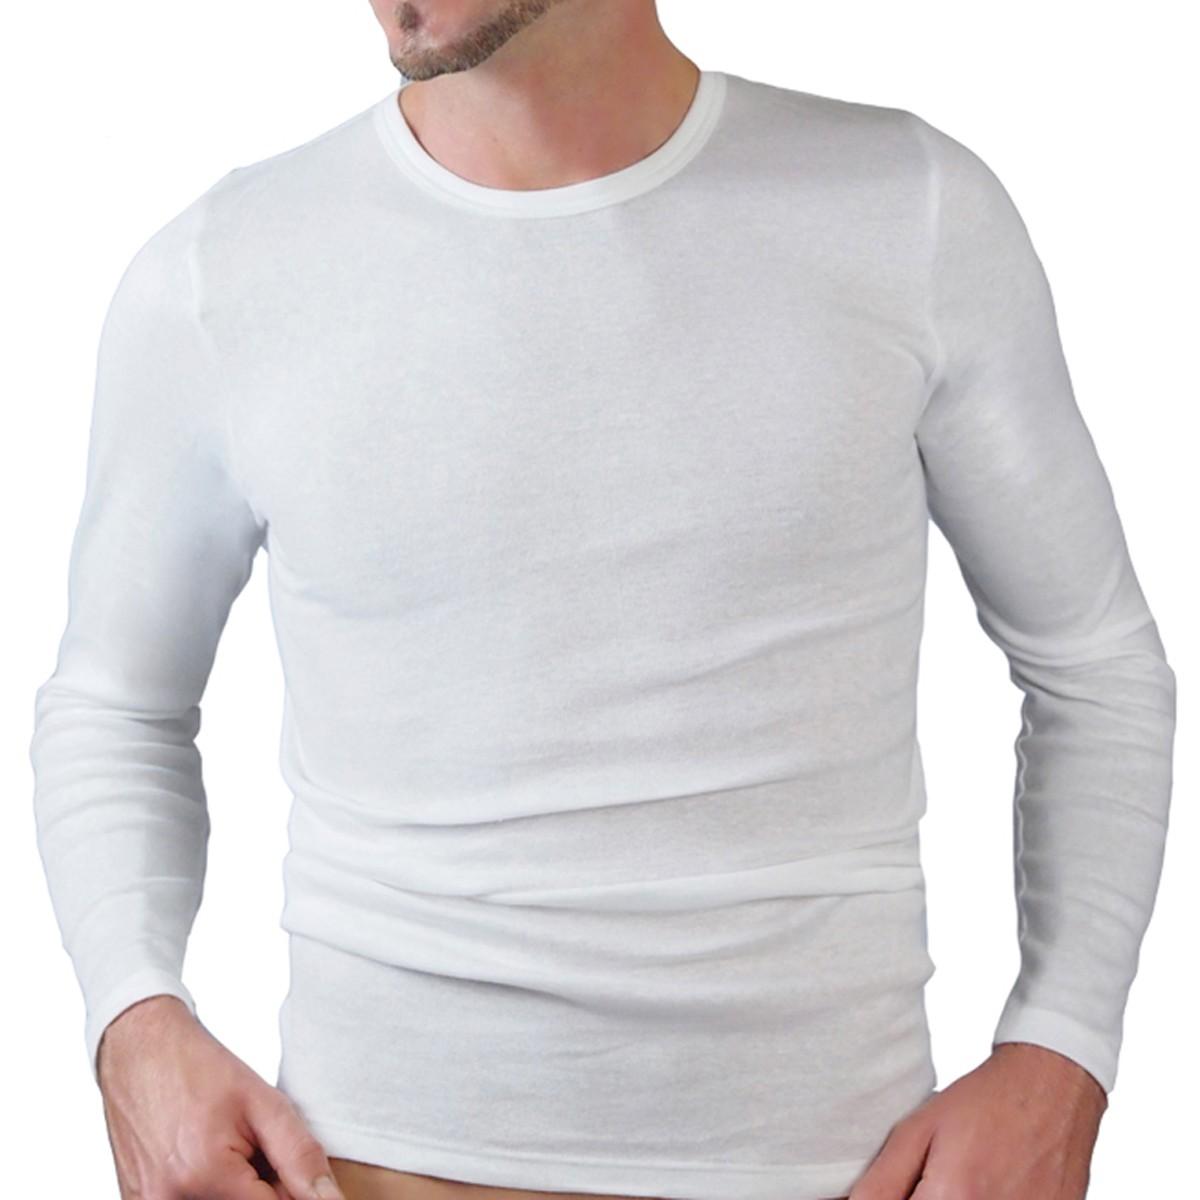 1b4576f8f443 HERMKO 3640 Herren langarm Shirt, Rundhals   HERMKO - Wäsche zum ...